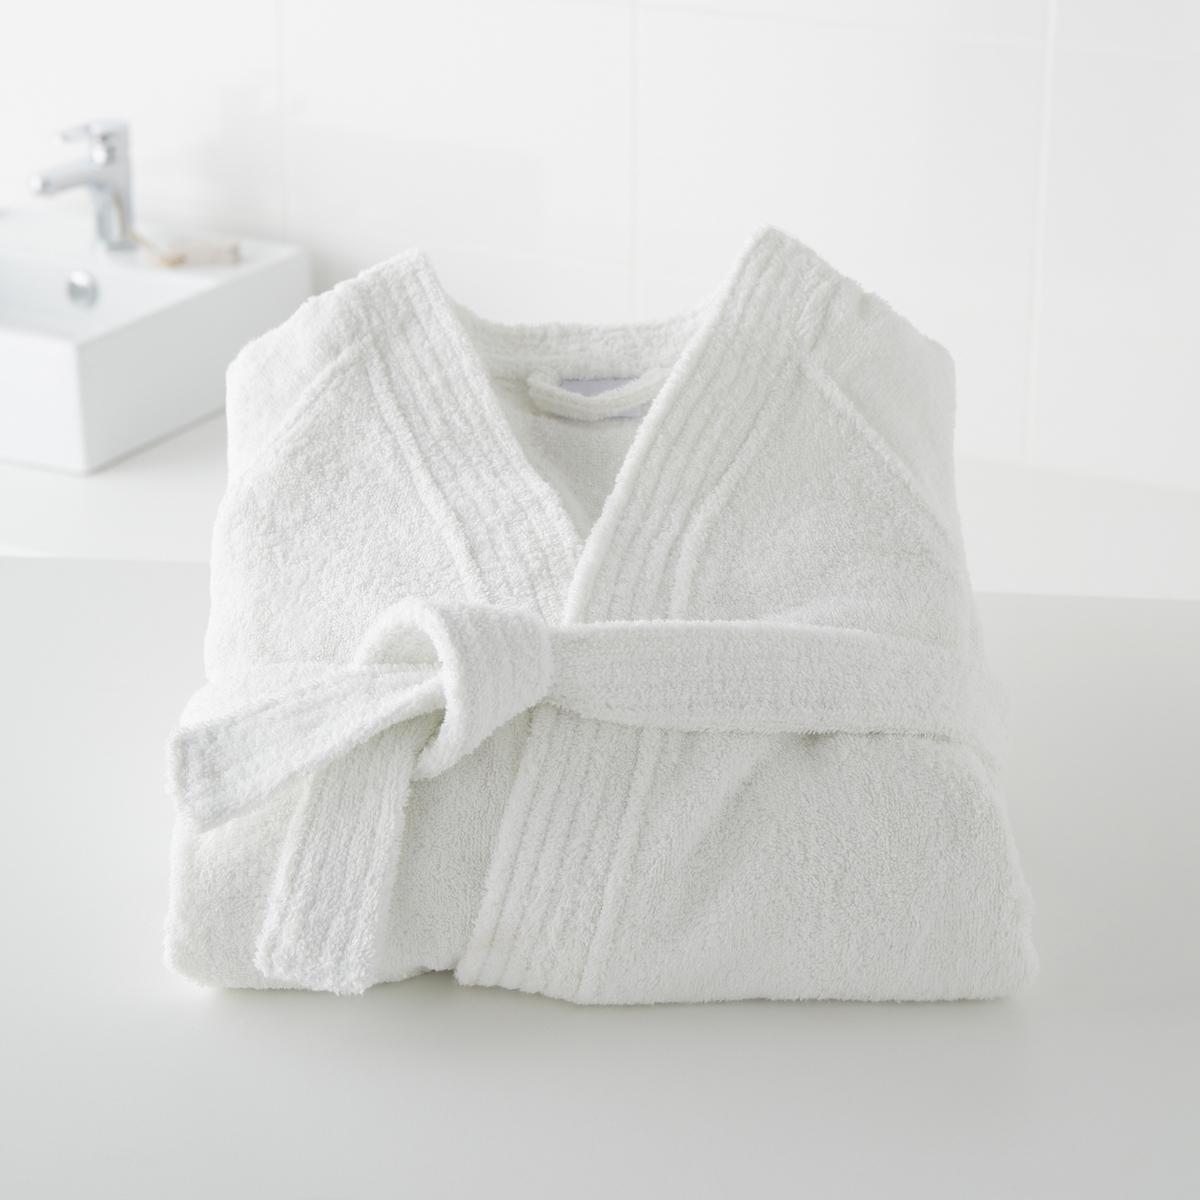 Халат с воротинком-кимоно 450 г/м?, качество Best